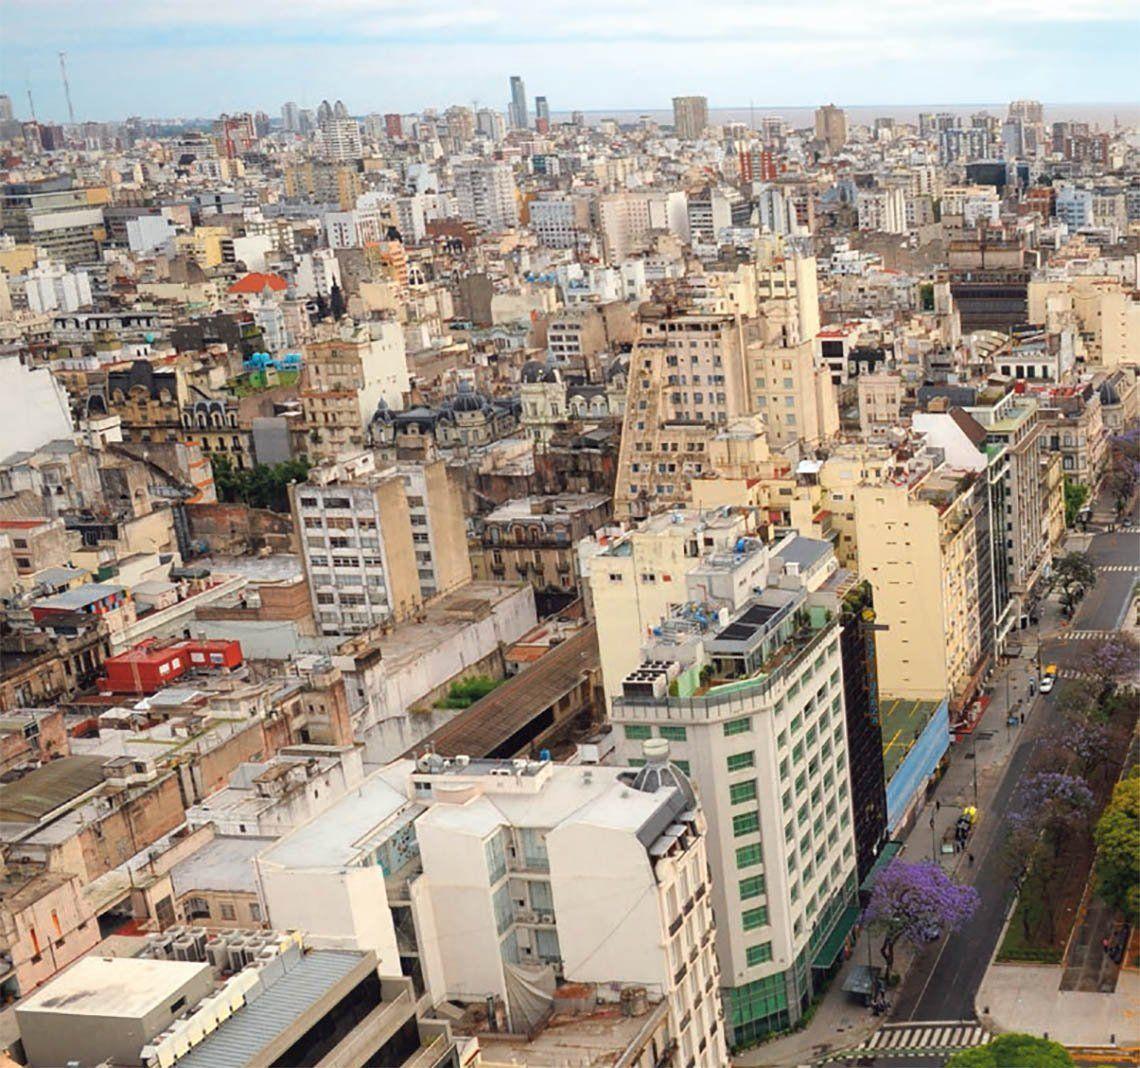 Roban edificios con la excusa de arreglar internet durante la cuarentena